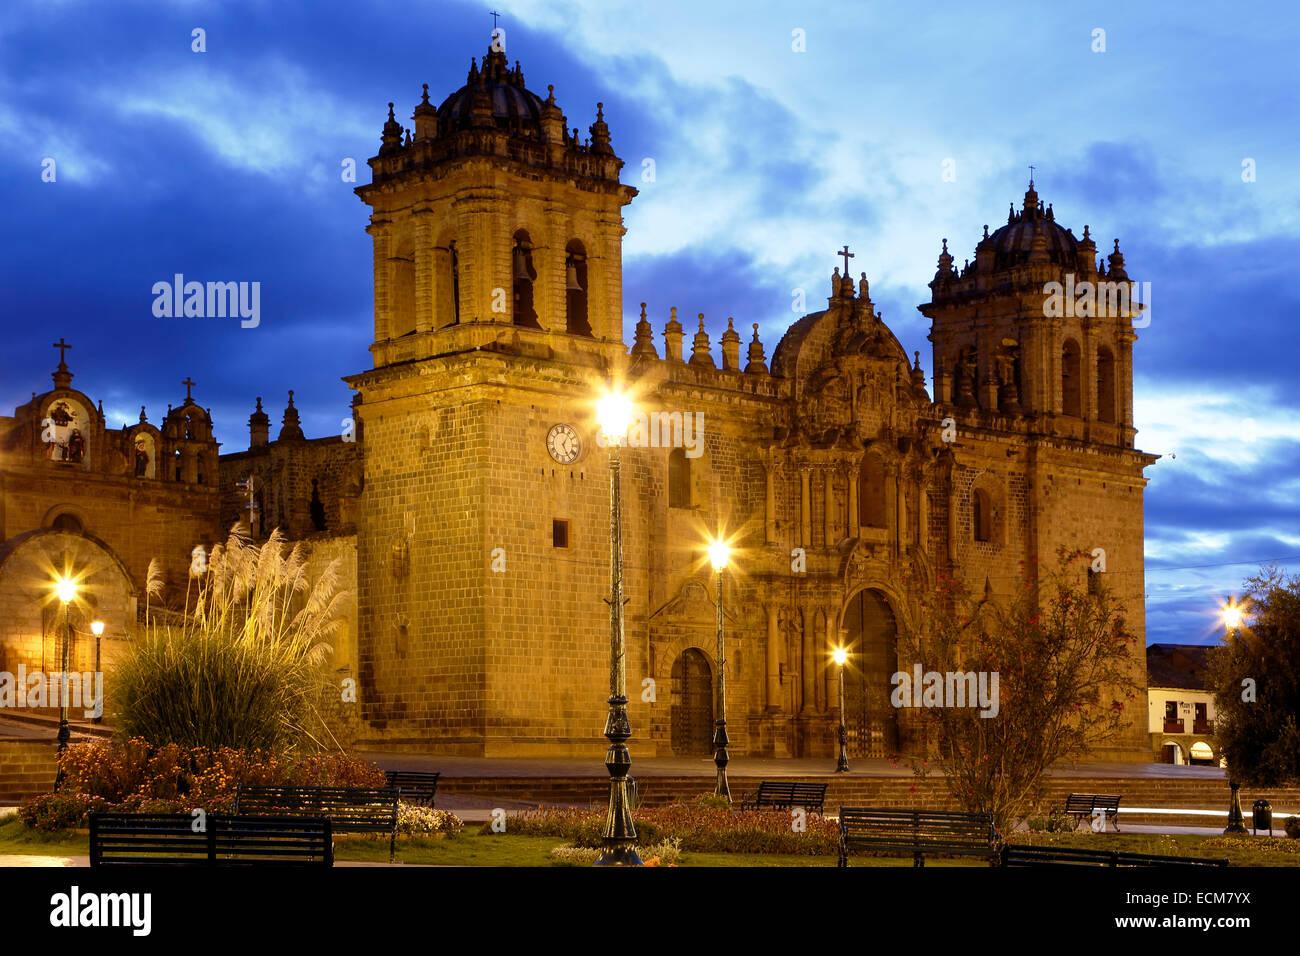 Cusco-Kathedrale (Nuestra Señora De La Asunción) und Plaza de Armas in Cusco, Peru Stockbild